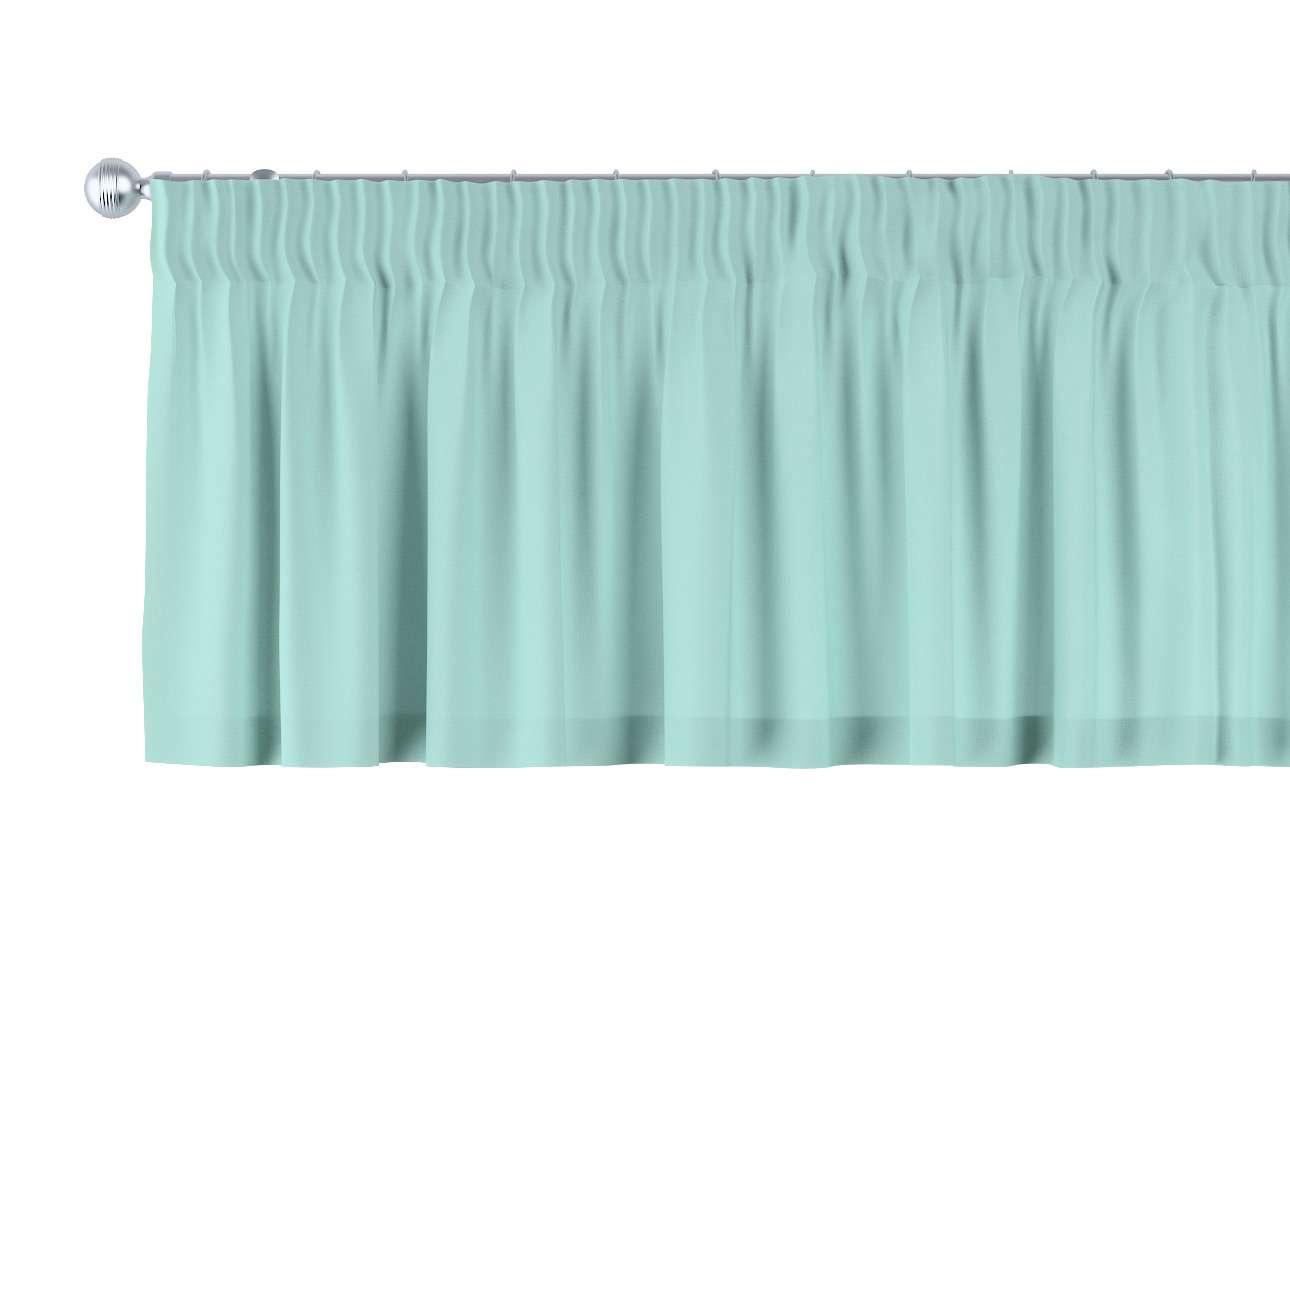 Gardinkappe med rynkebånd 130 x 40 cm fra kollektionen Loneta, Stof: 133-32